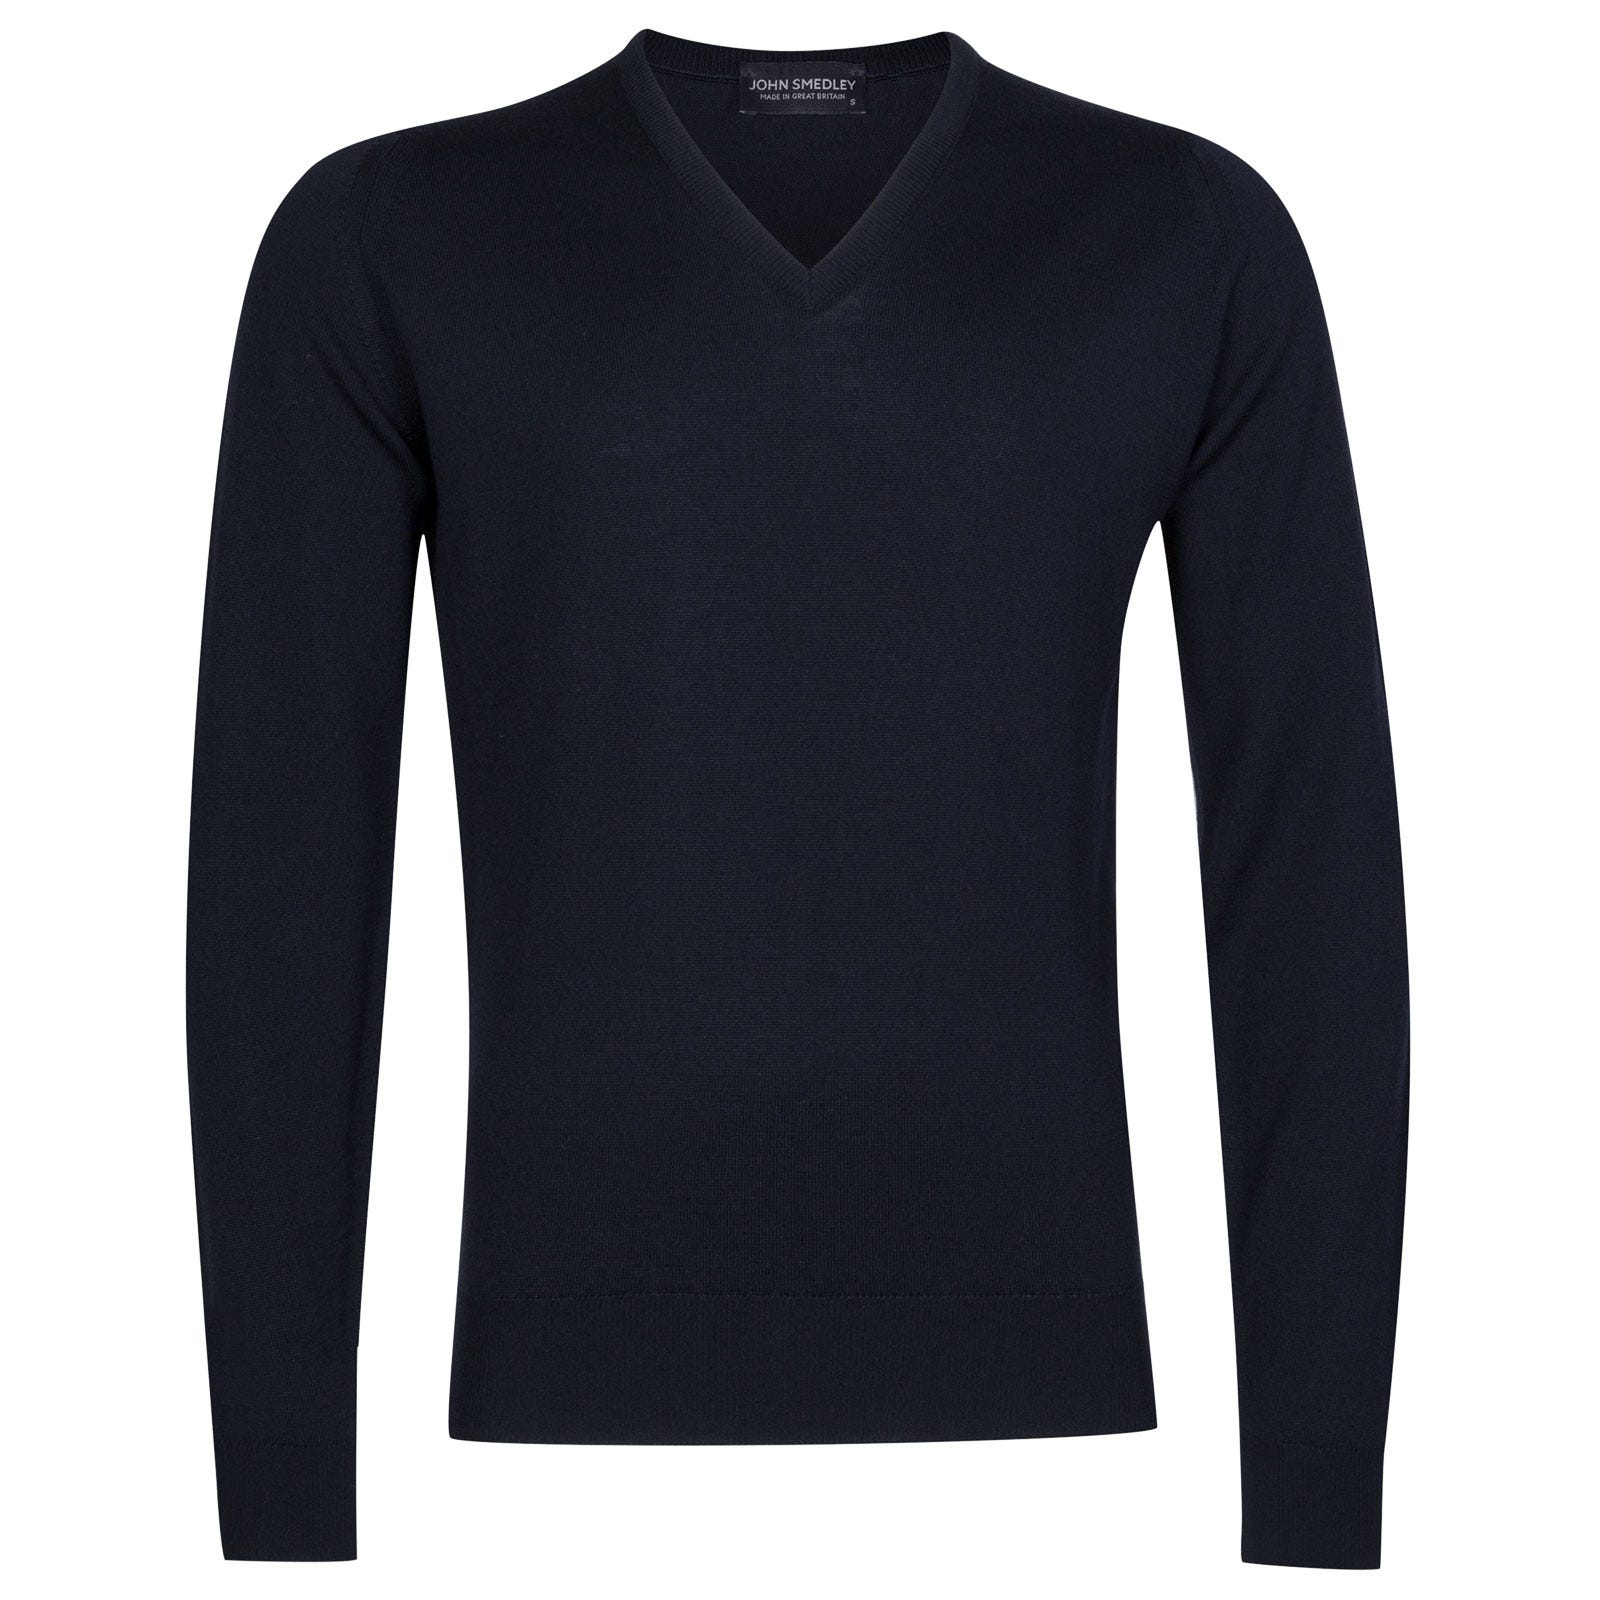 John Smedley Riber Merino Wool Pullover in Midnight-L